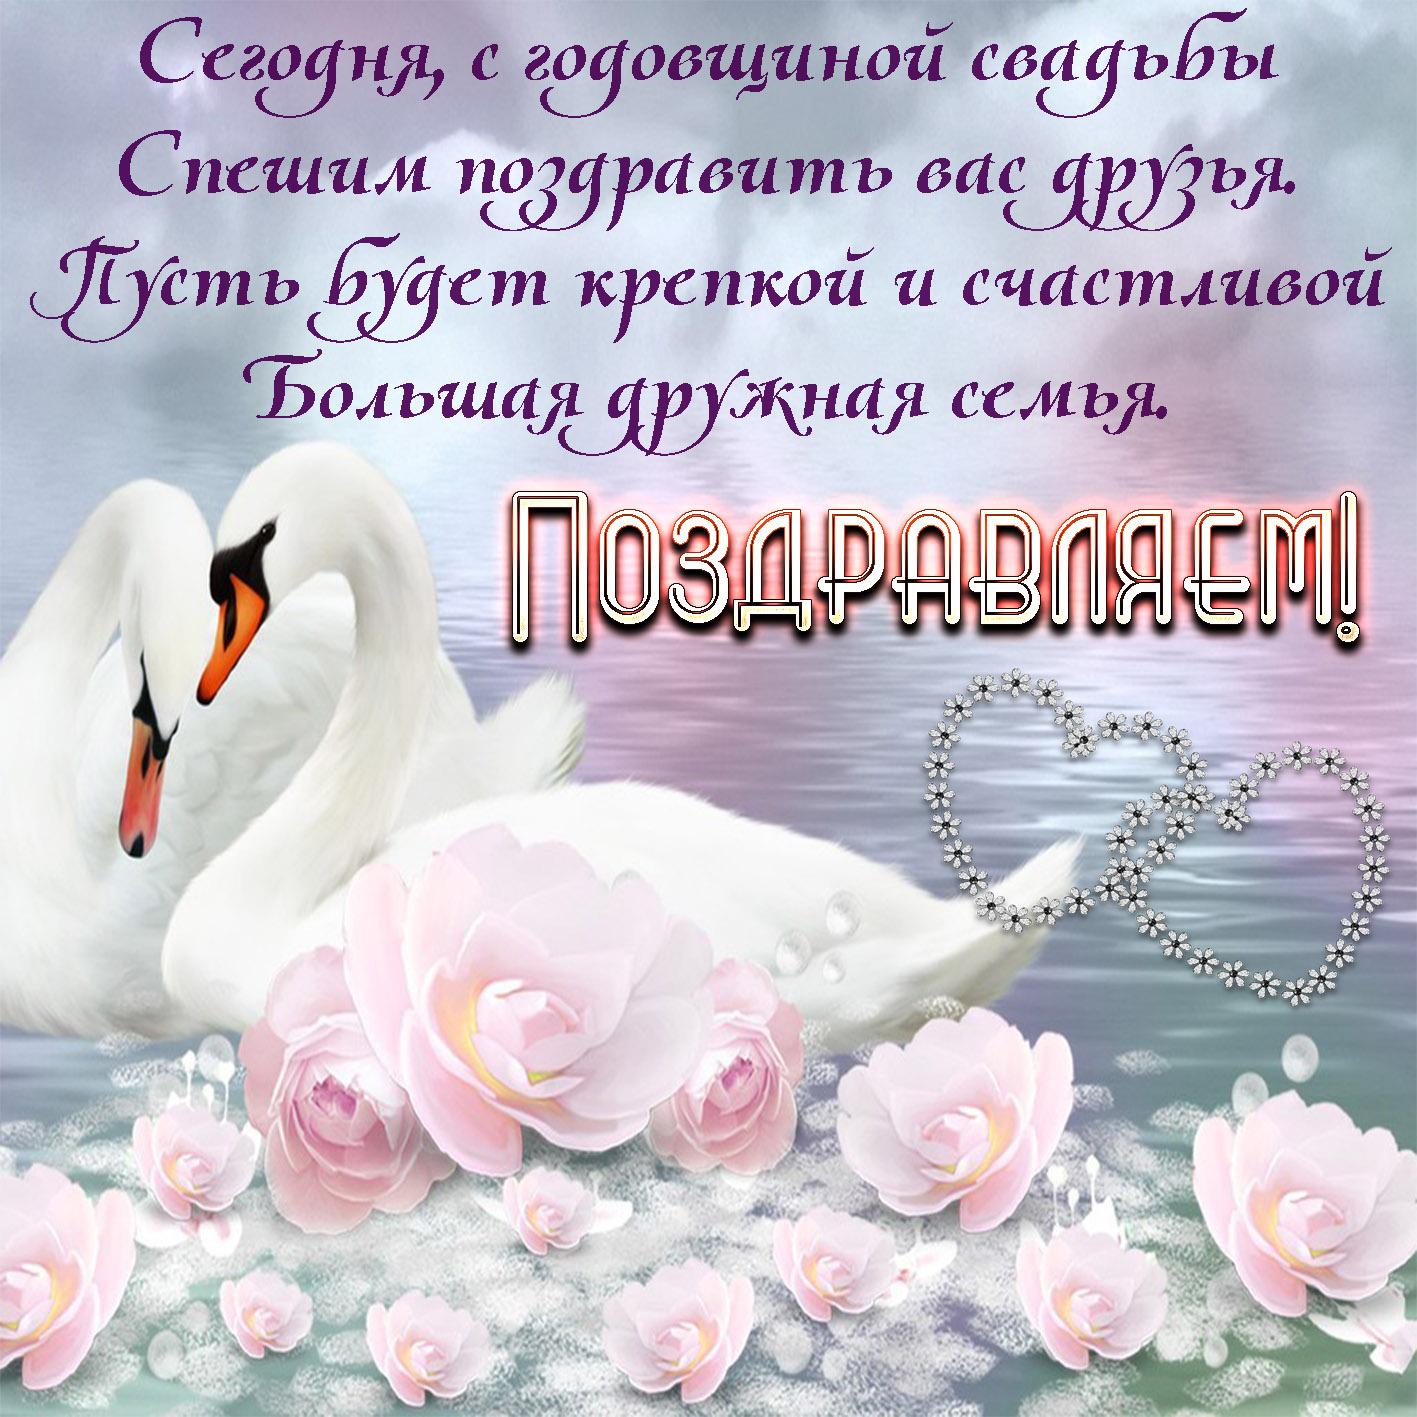 14f0a3e48a16fed Открытка с годовщиной свадьбы - белые лебеди и поздравление на нежном фоне